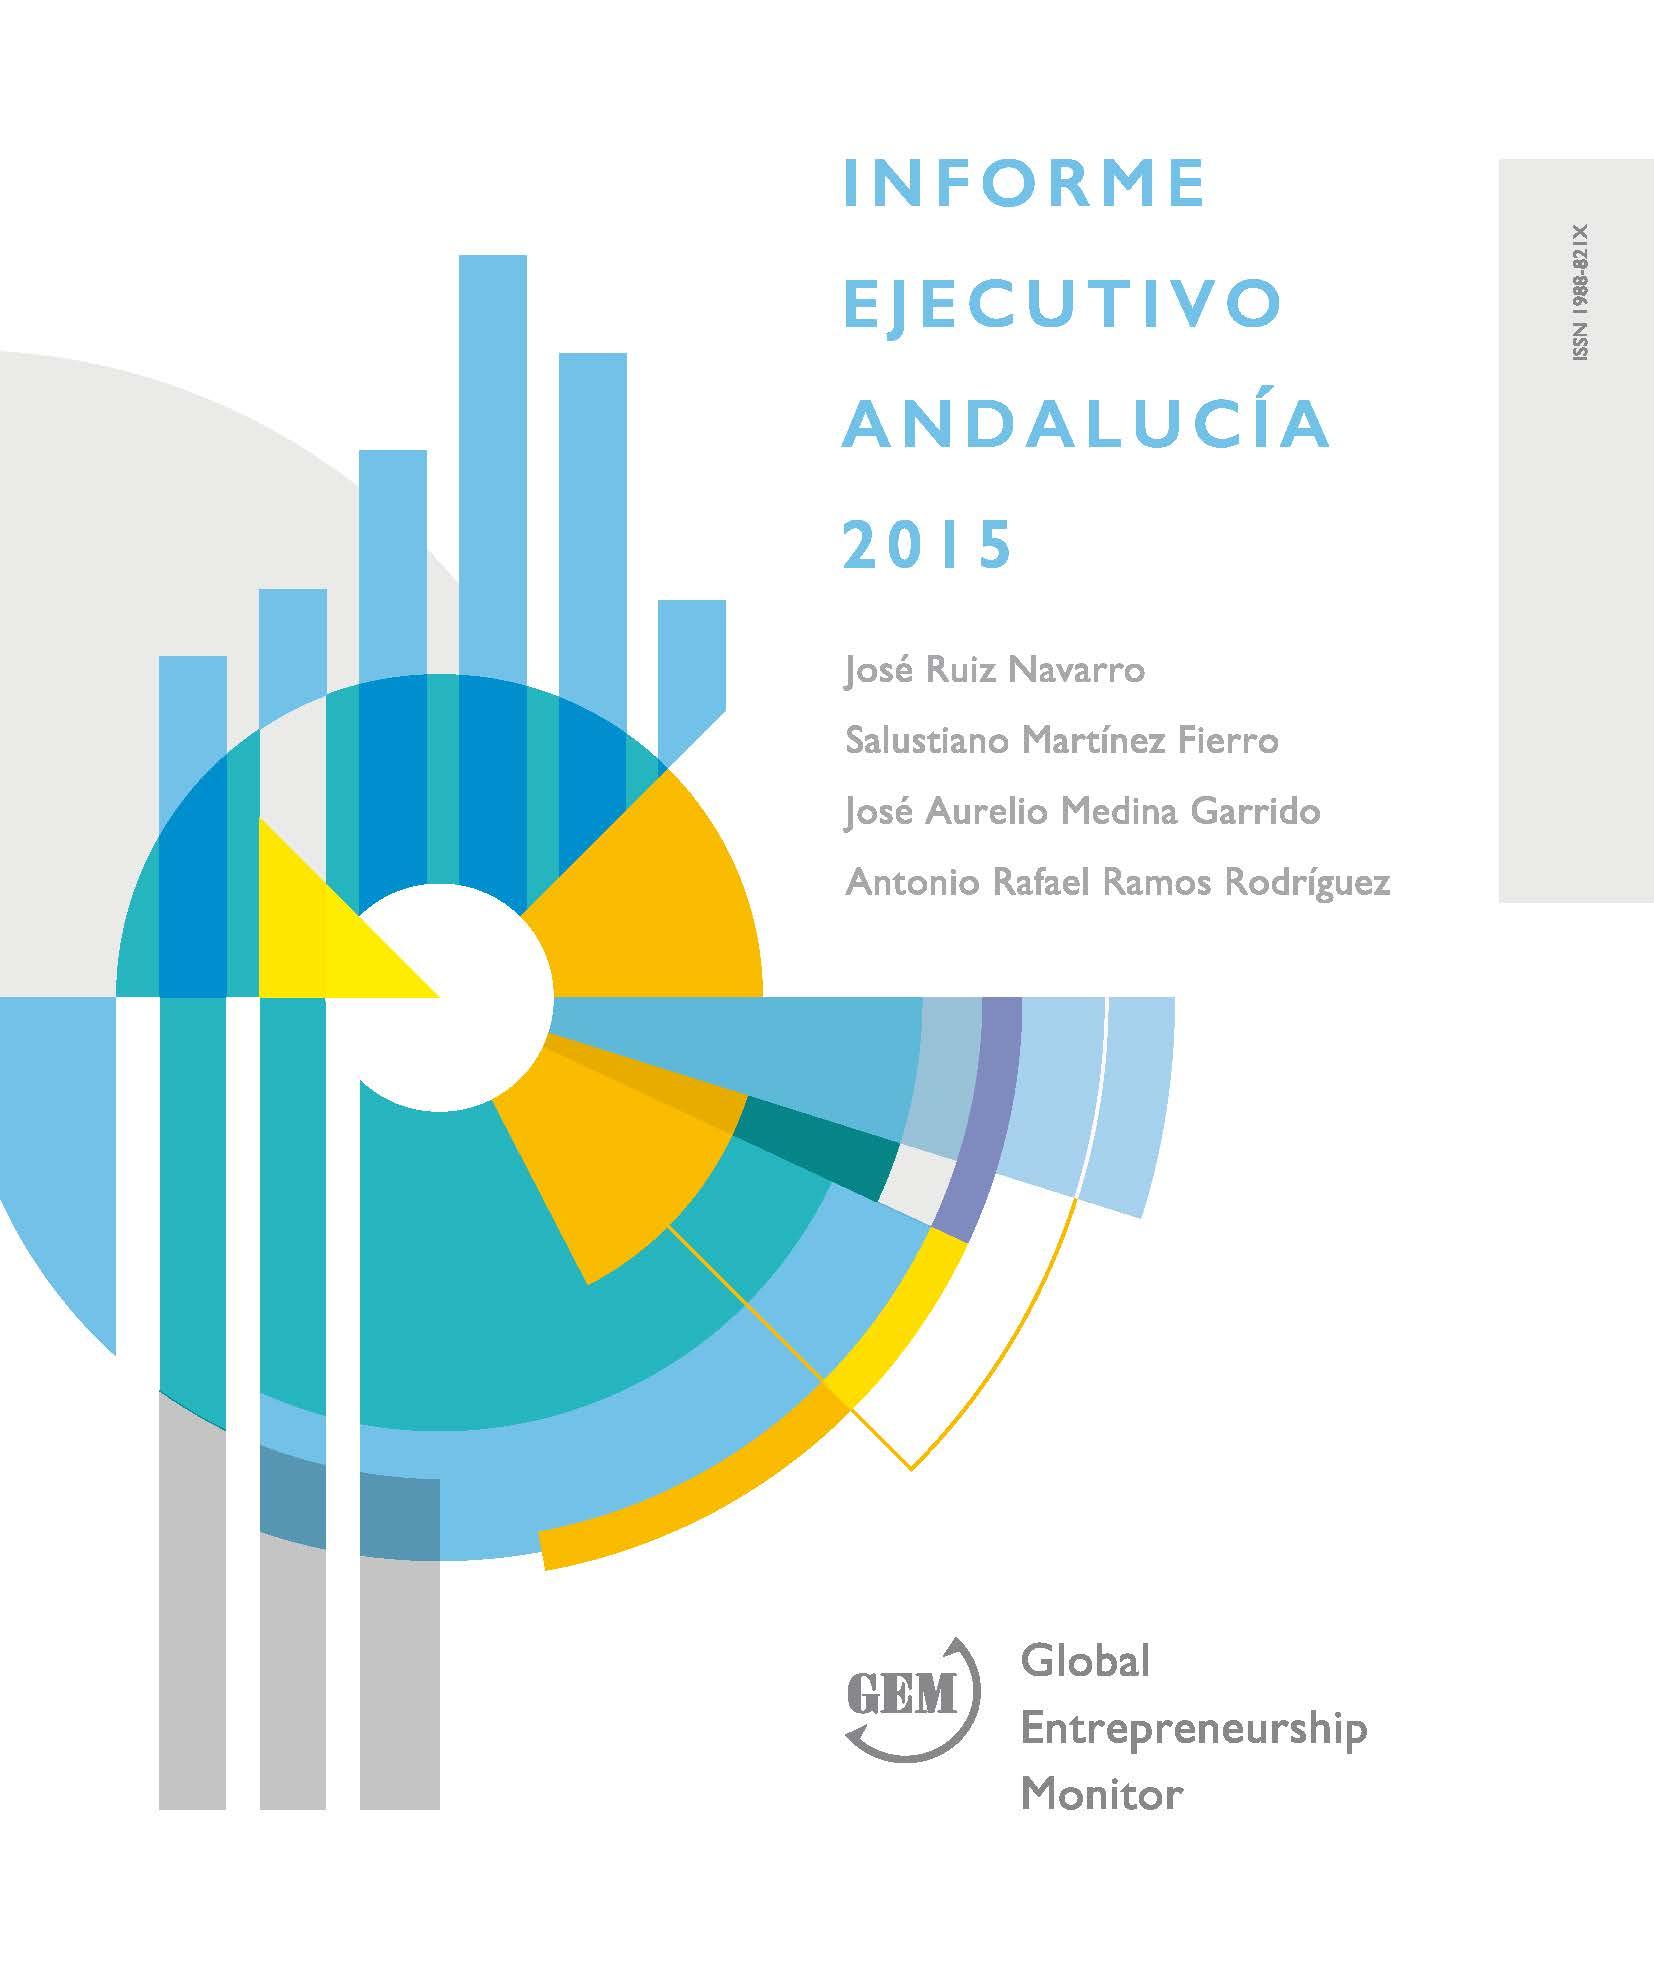 Aumenta la tasa de actividad emprendedora en Andalucía y se sitúa en el 6,4%